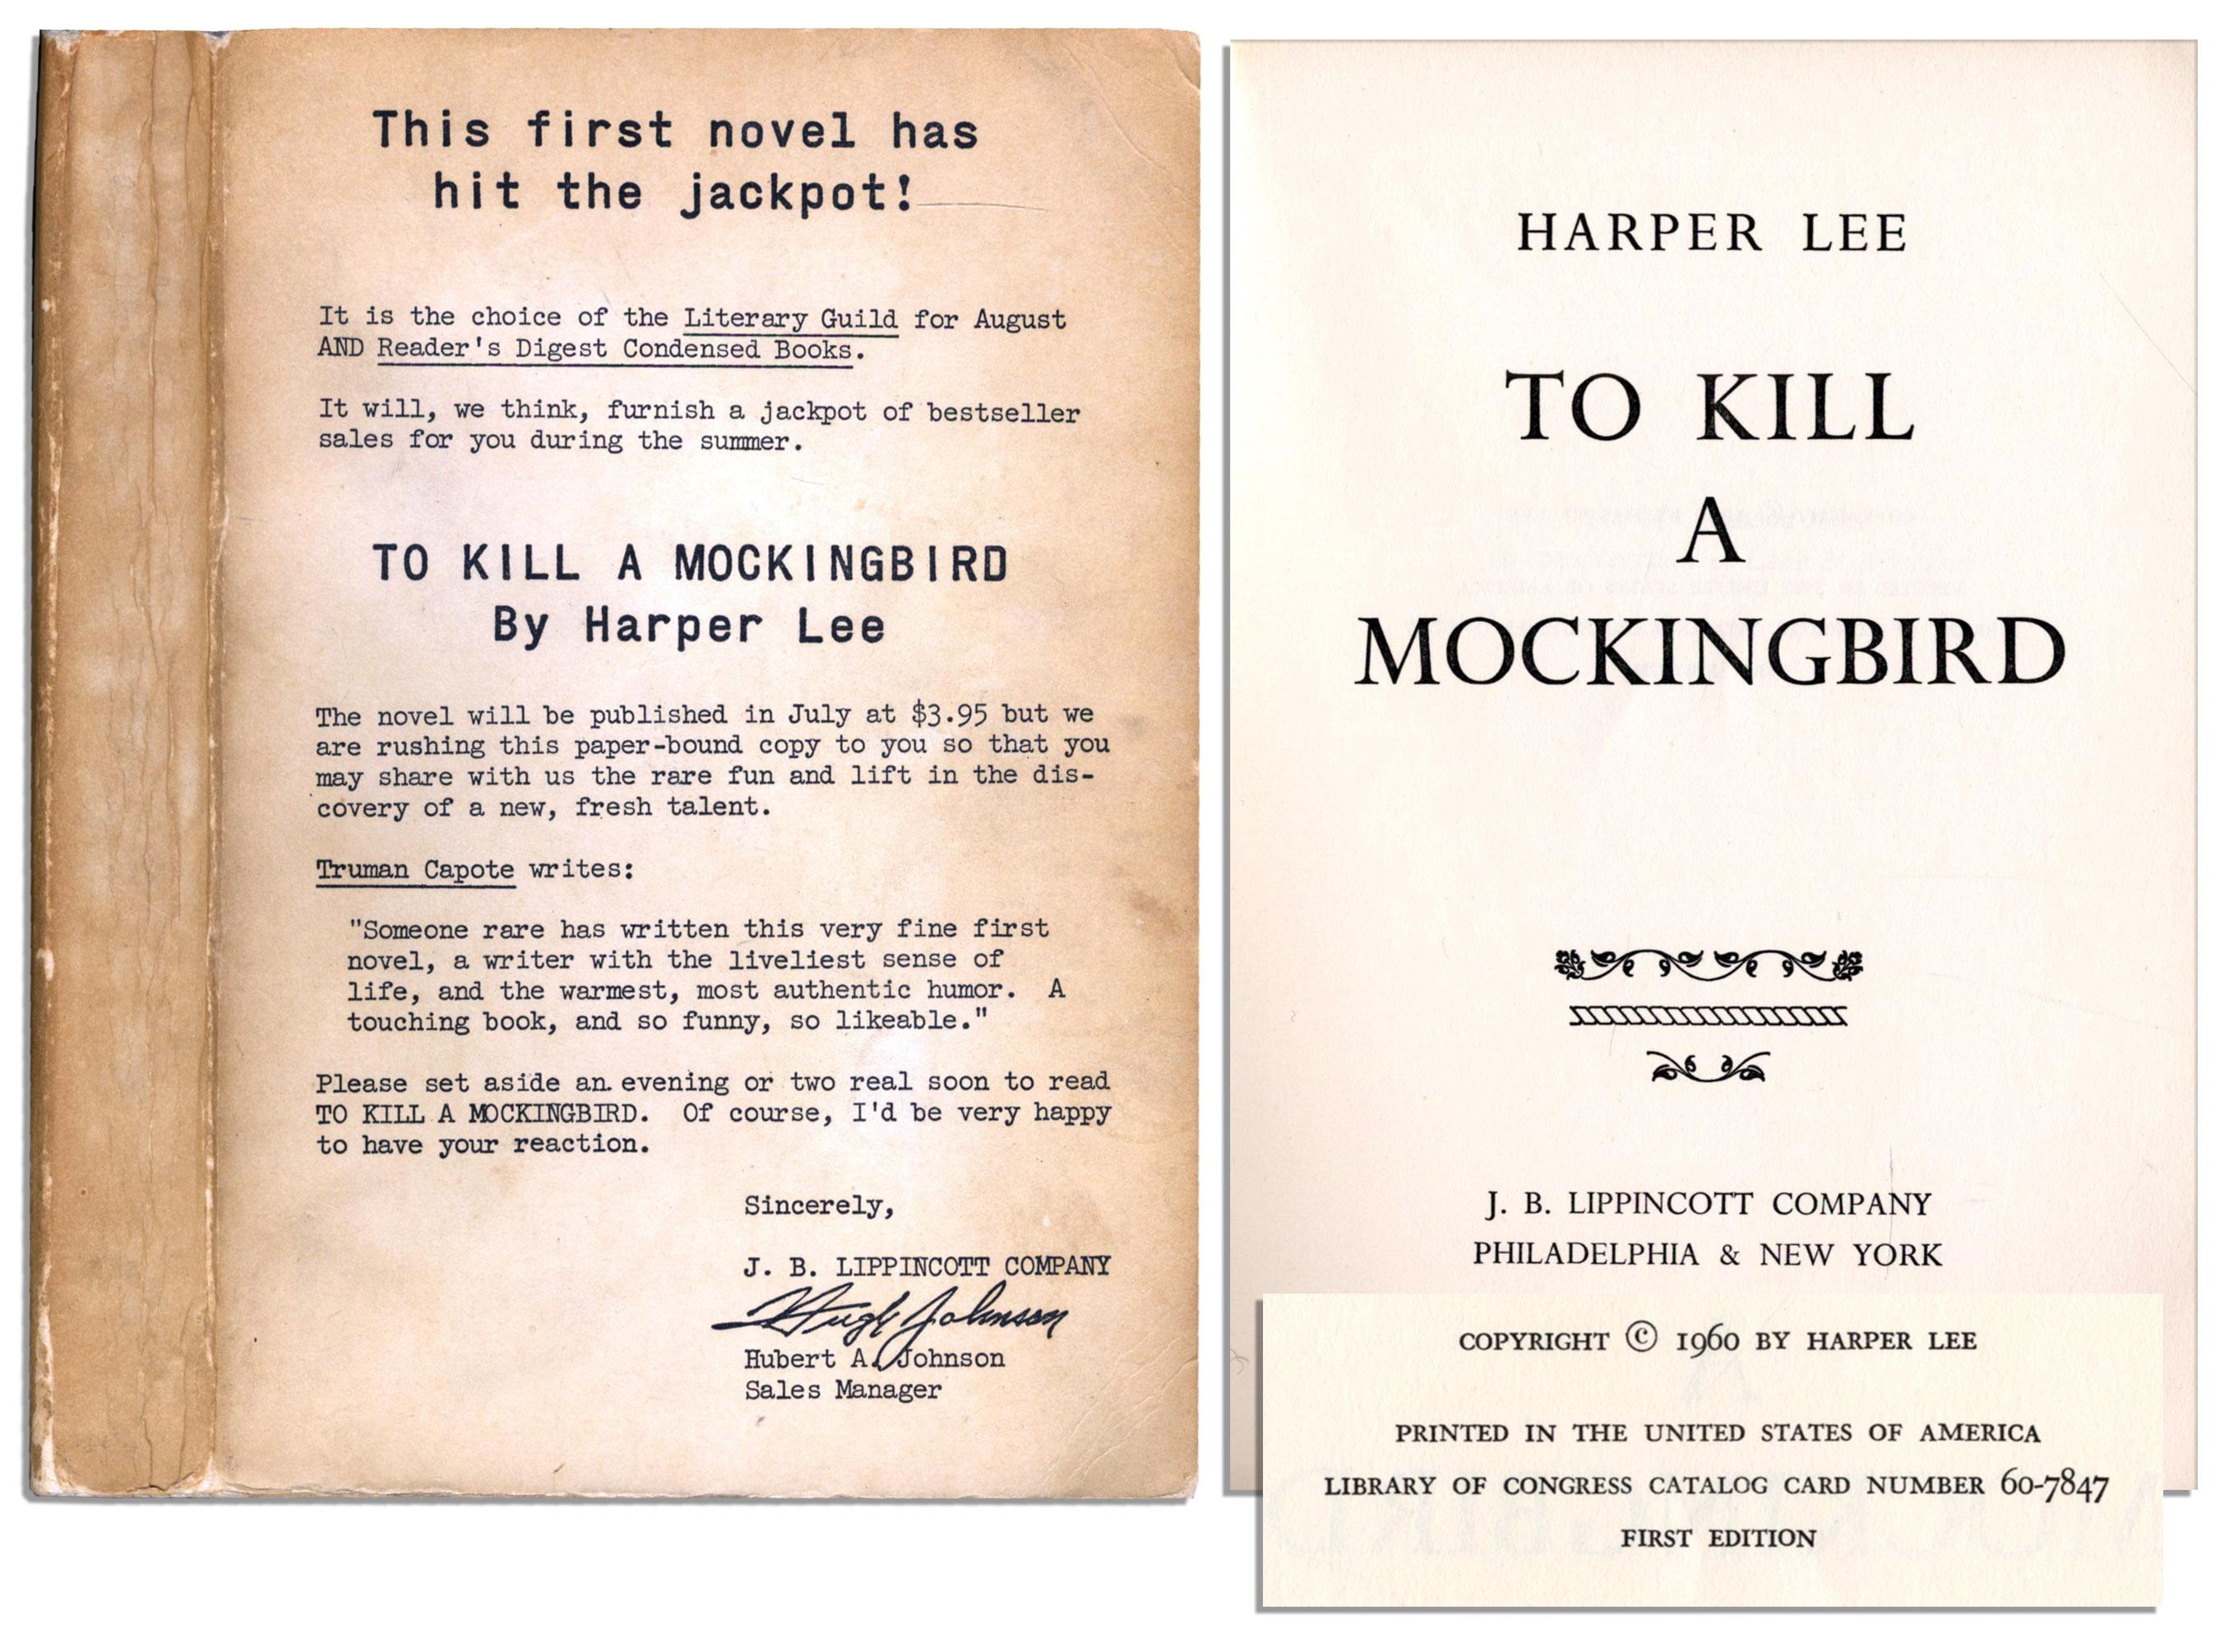 to kill a mockingbird original book